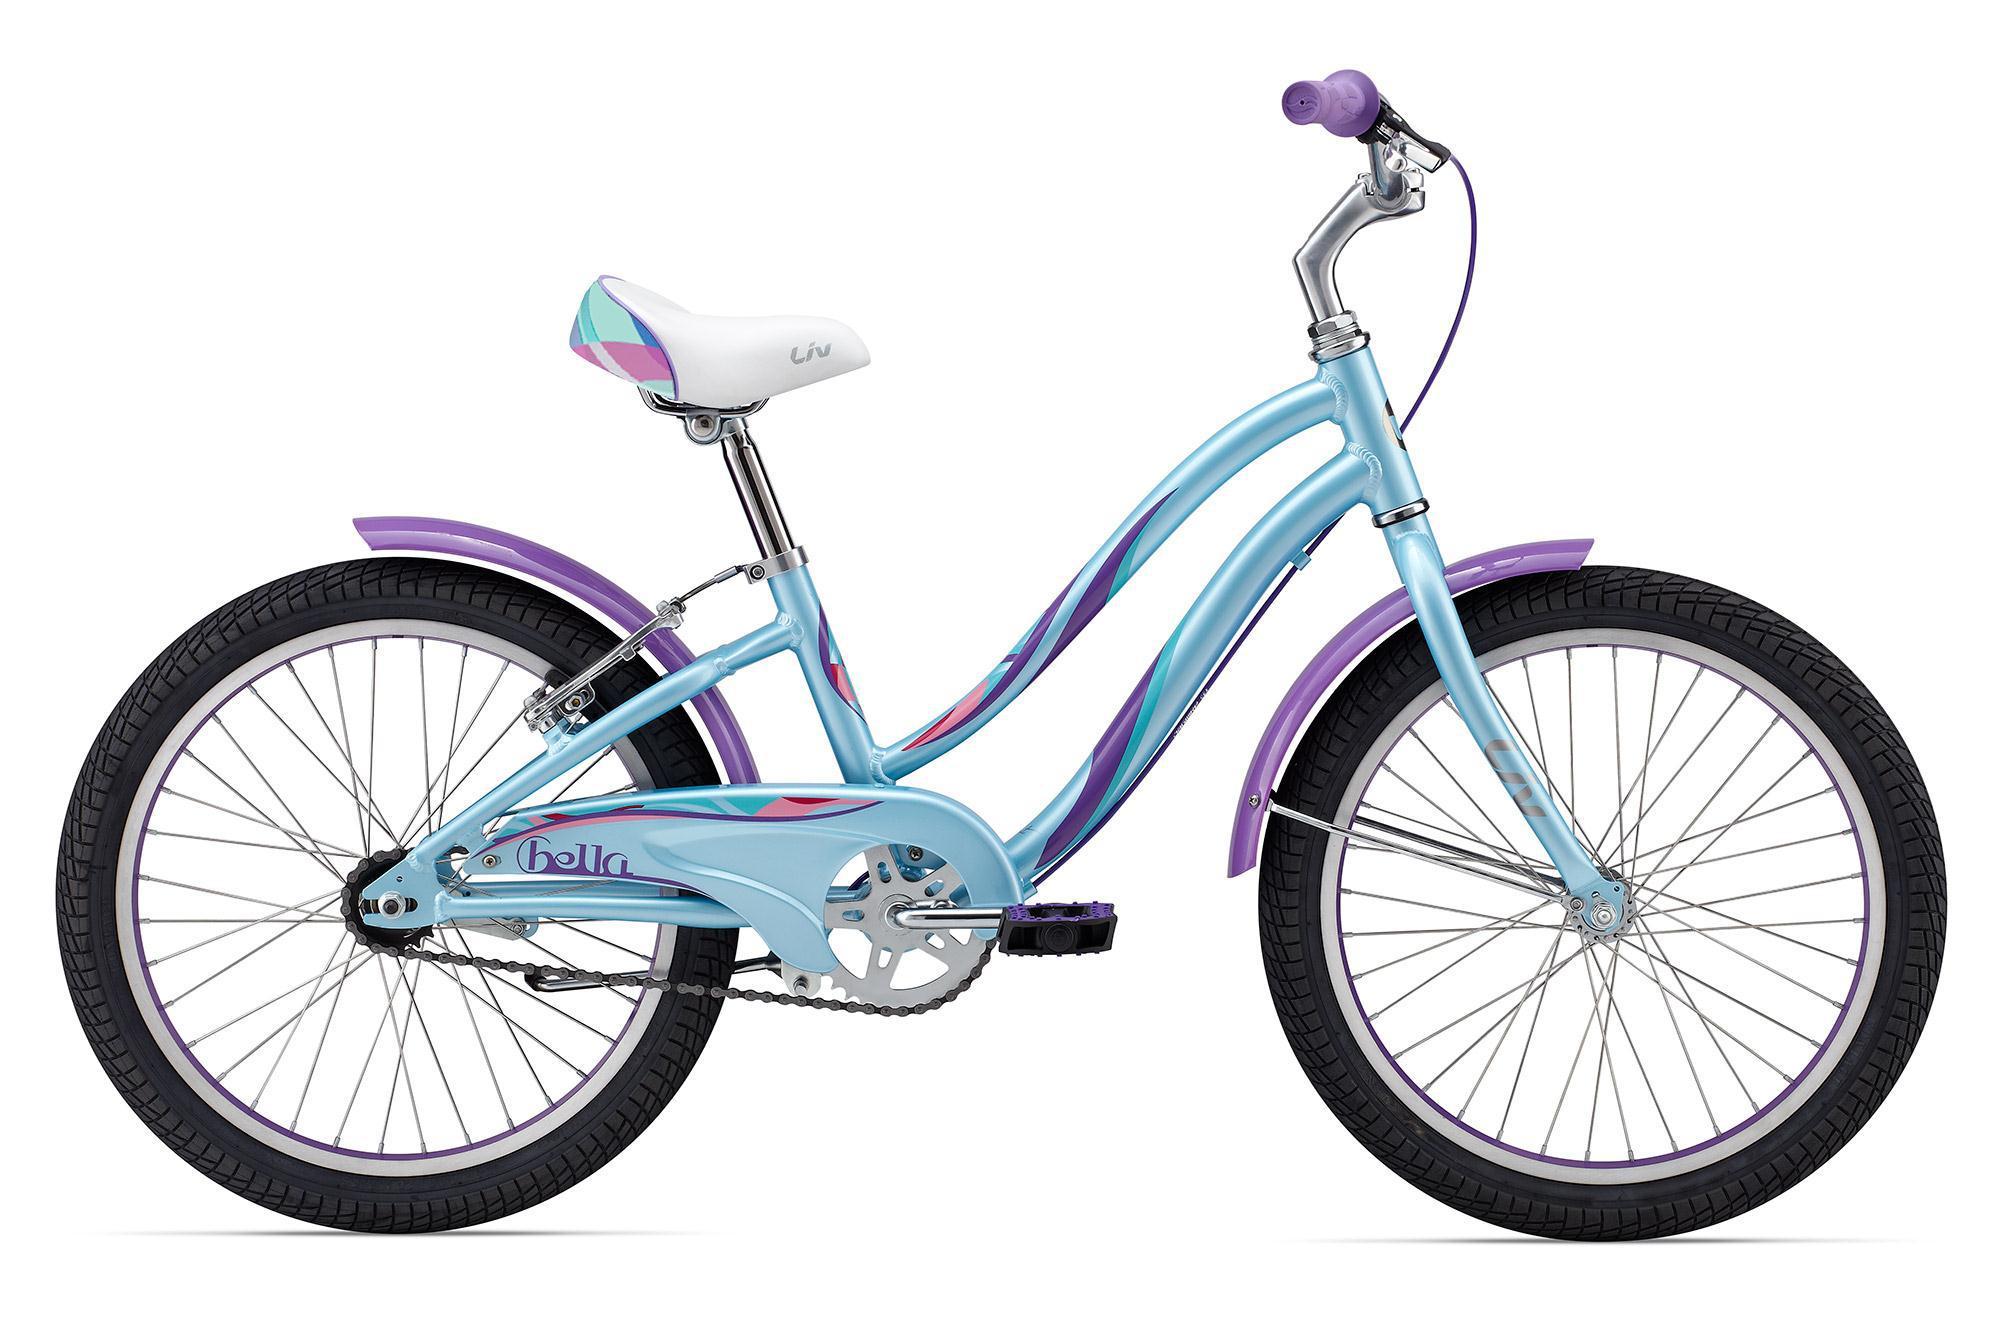 Giant Bella 20 (2016)от 6 лет<br>Модель Bella зажигает страсть к велосипедным приключениям! Он подобно маленькому пони (которого даже не нужно кормить) увезет маленькую исследовательницу в огромный и интересный мир велосипедов.<br>Заниженная верхняя труба рамы сделана специально для большего комфорта при катании и непредвиденных остановках, когда нужно срочно спрыгивать. Фирменный алюминий ALUXX делает раму легкой и маневренной. Простая и надежная односкоростная система привода не требует точной настройки и очень долговечна. Привычный многим взрослым ножной тормоз во втулке дополнен ручным тормозом для большей безопасности при катании.<br>Защита цепи убережет ноги и одежду, ну а крылья в комплекте спасут от всех луж. Giant Bella также укомплектован подножкой, чтобы ставить его где захочется, а интересные расцветки придутся по вкусу маленьким модницам.<br>